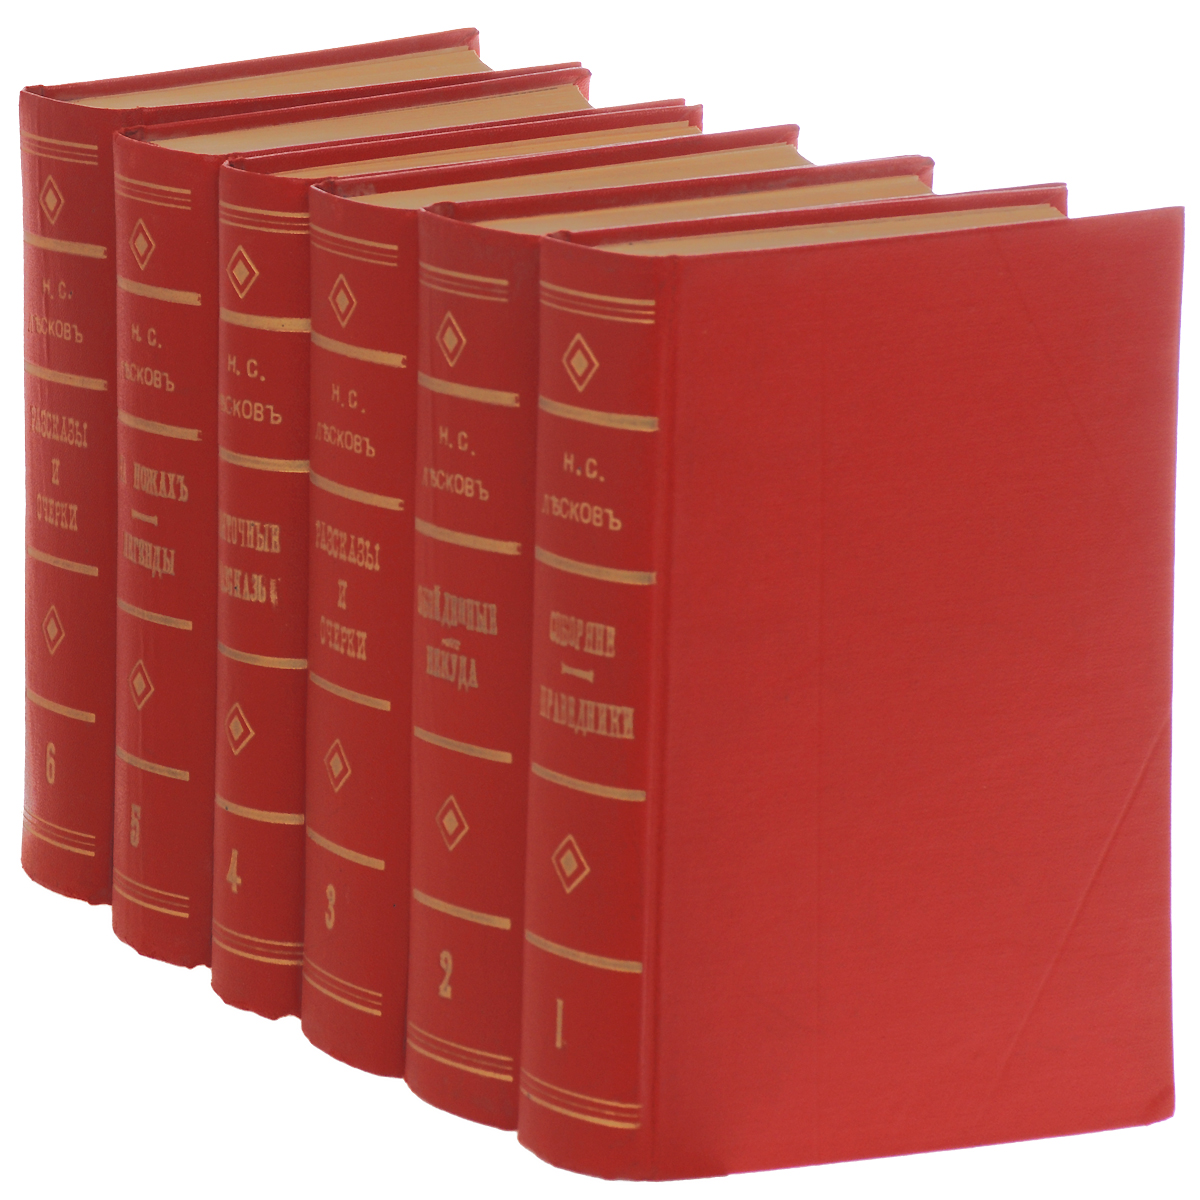 Н. Лесков. Полное собрание сочинений в 36 томах. В 6 книгах (комплект)